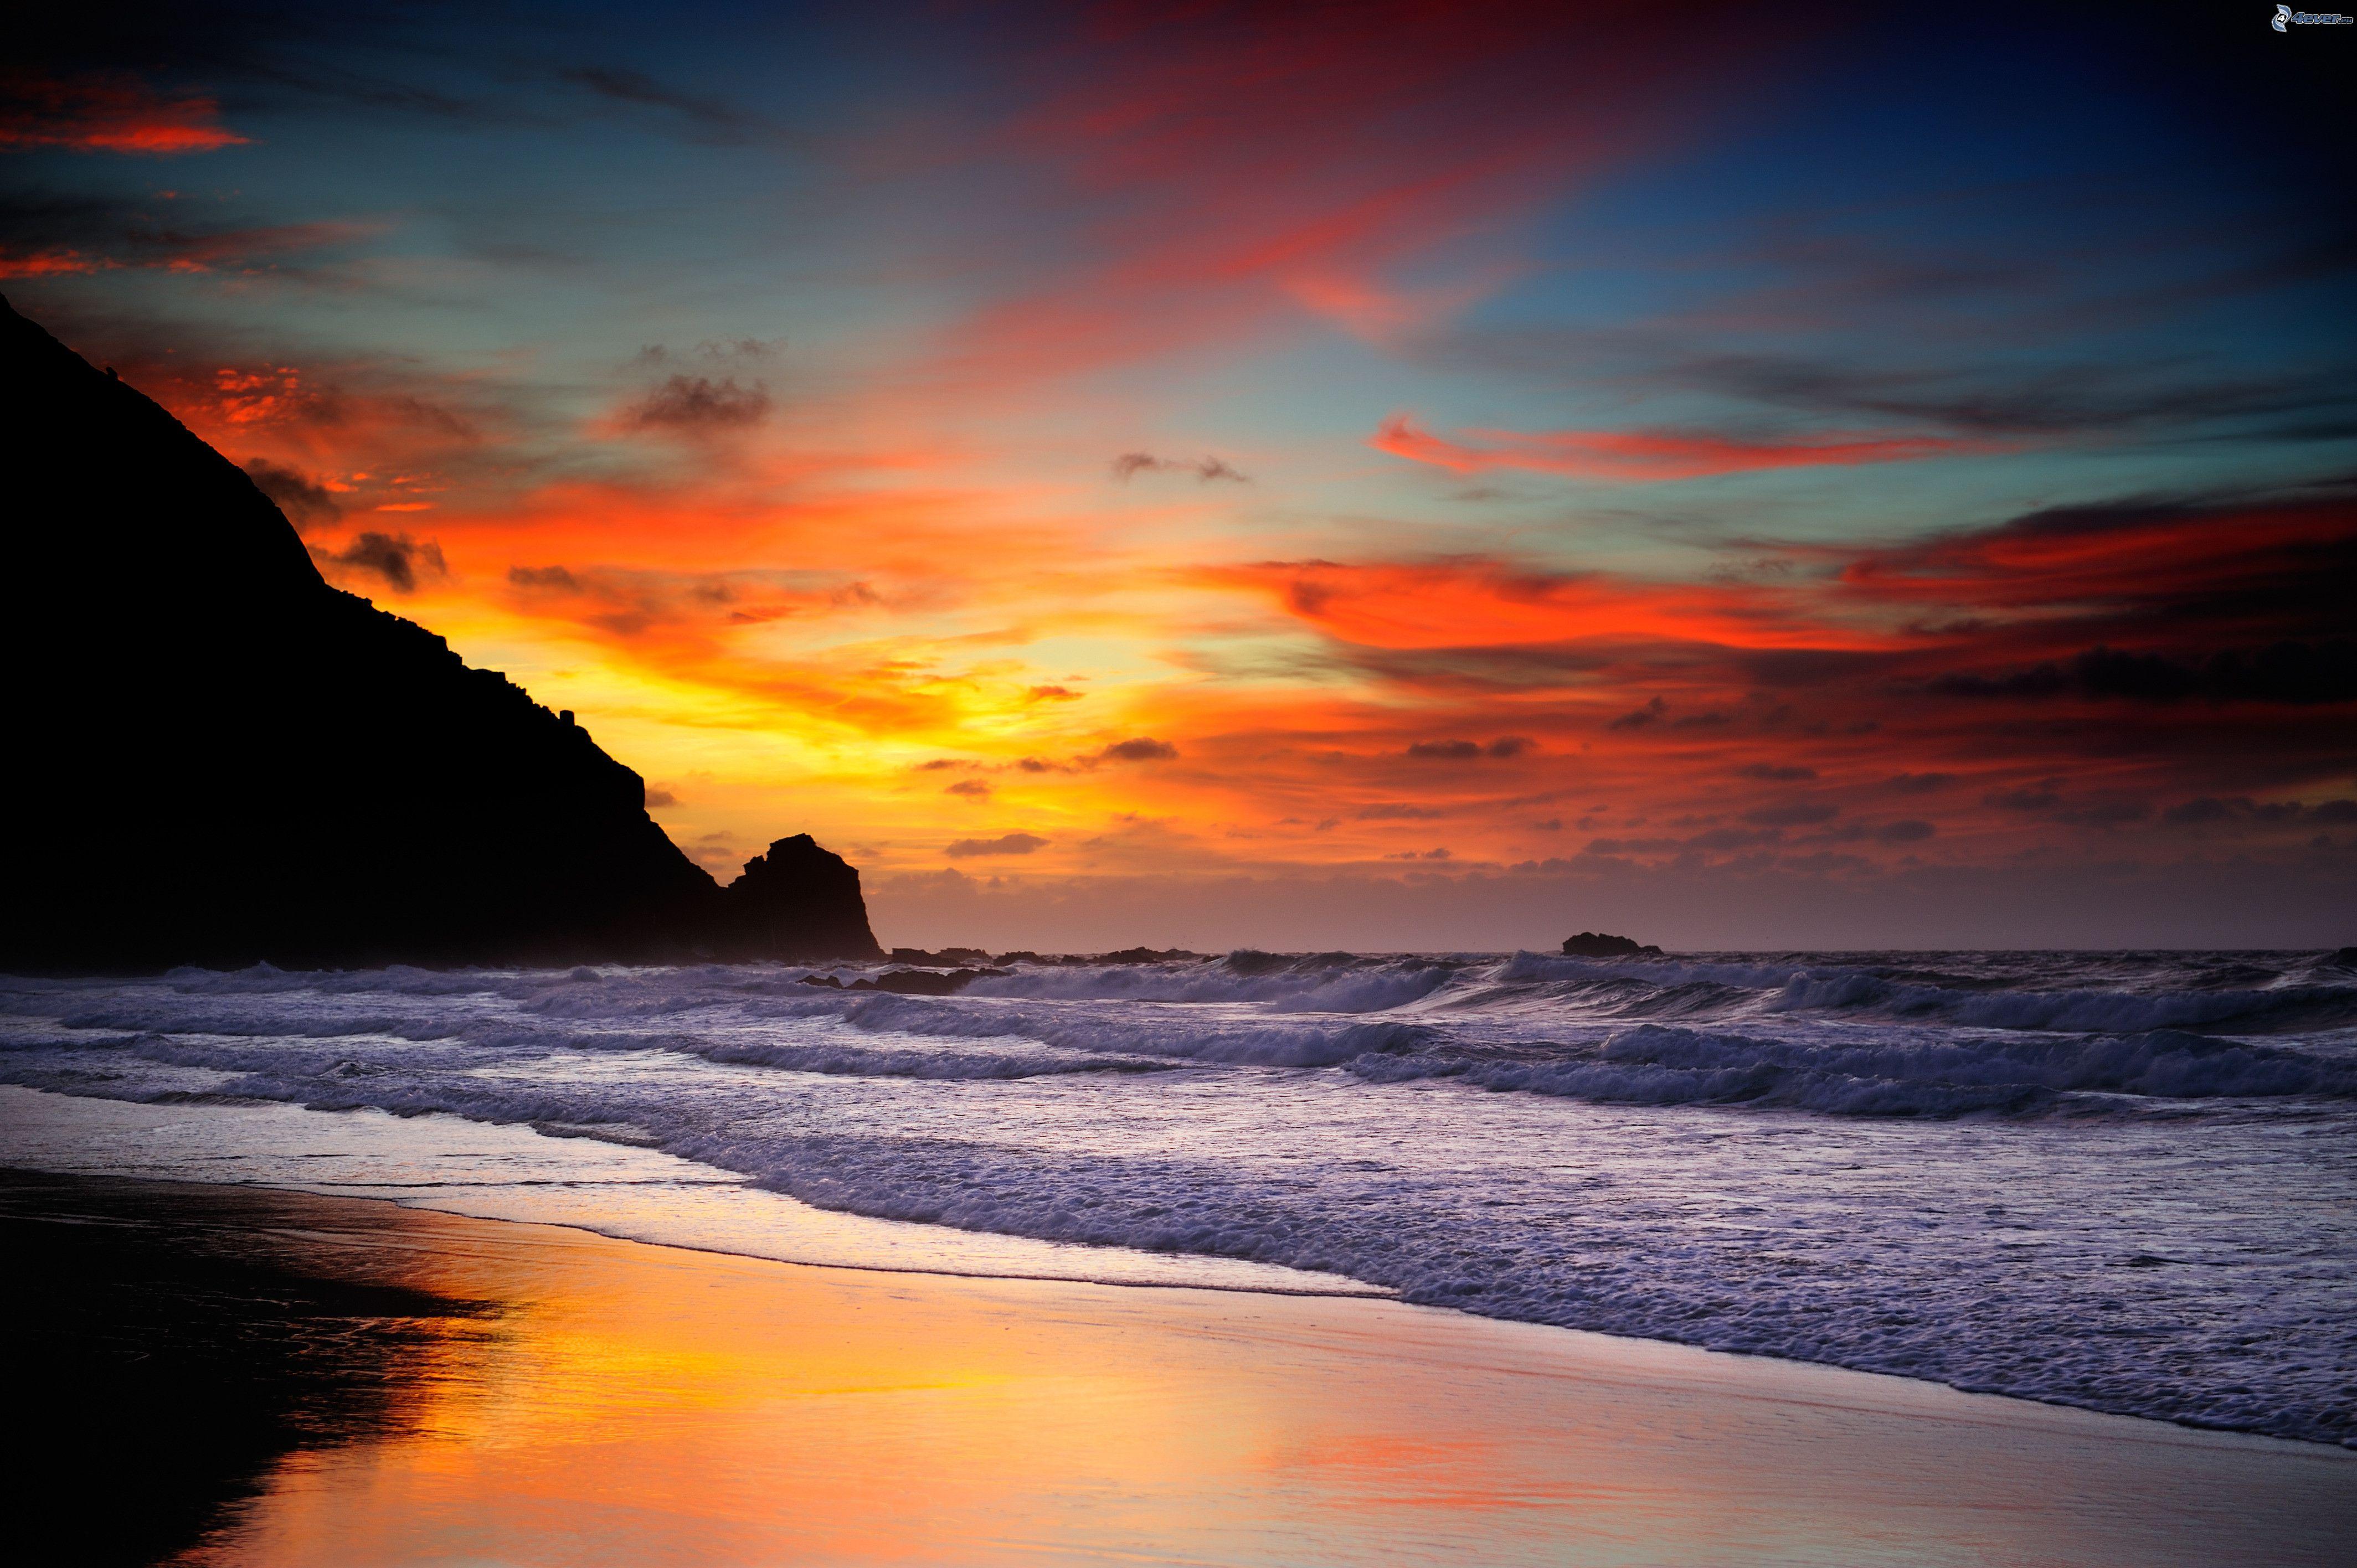 spiaggia-al-tramonto,-onde-sulla-costa,-mare-207362